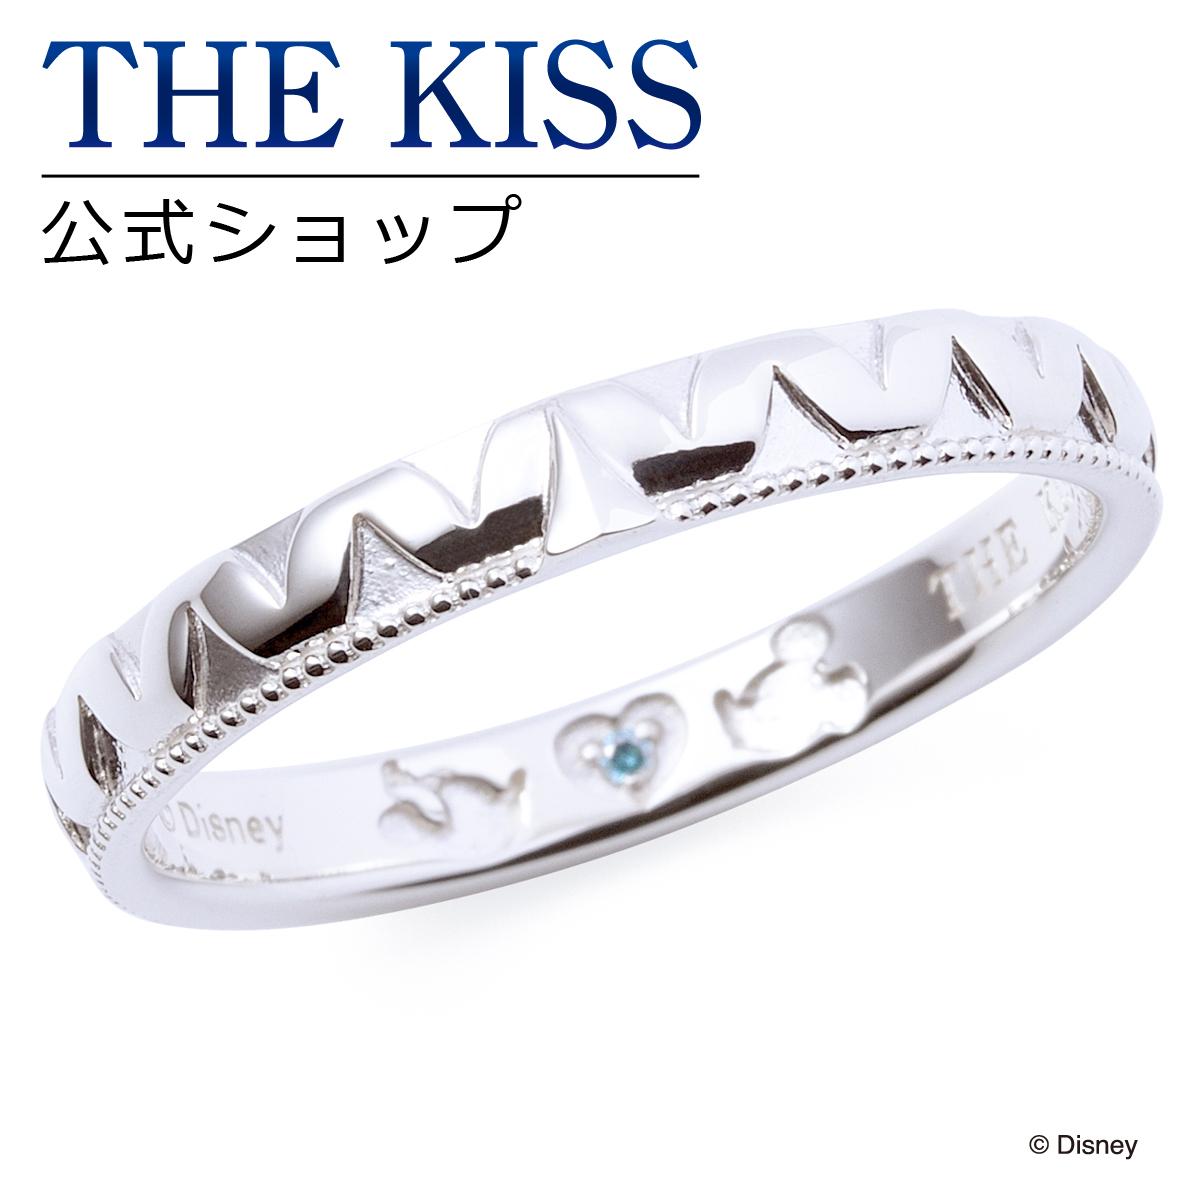 【あす楽対応】【ディズニーコレクション】 ディズニー / ペアリング / ミッキーマウス & ミニーマウス / THE KISS リング・指輪 シルバー (メンズ 単品) DI-SR1830BDM ザキス 【送料無料】【Disneyzone】